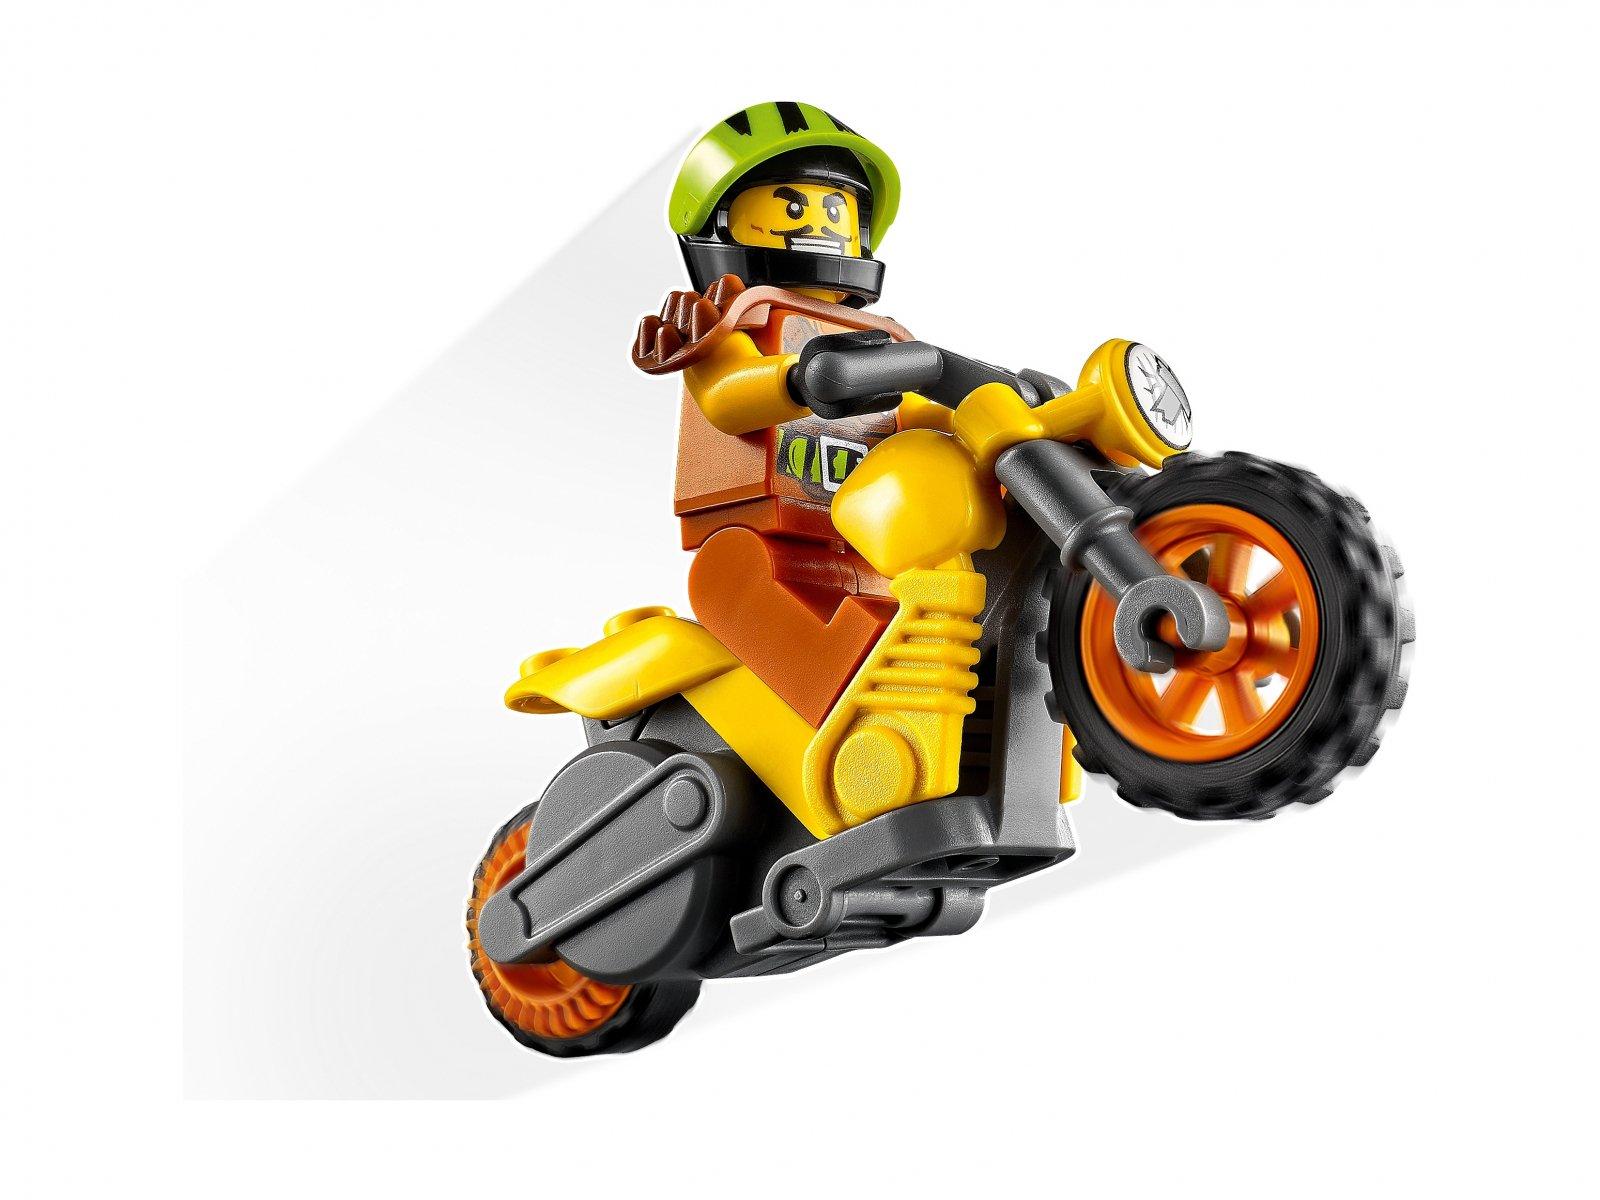 LEGO City 60297 Demolka na motocyklu kaskaderskim